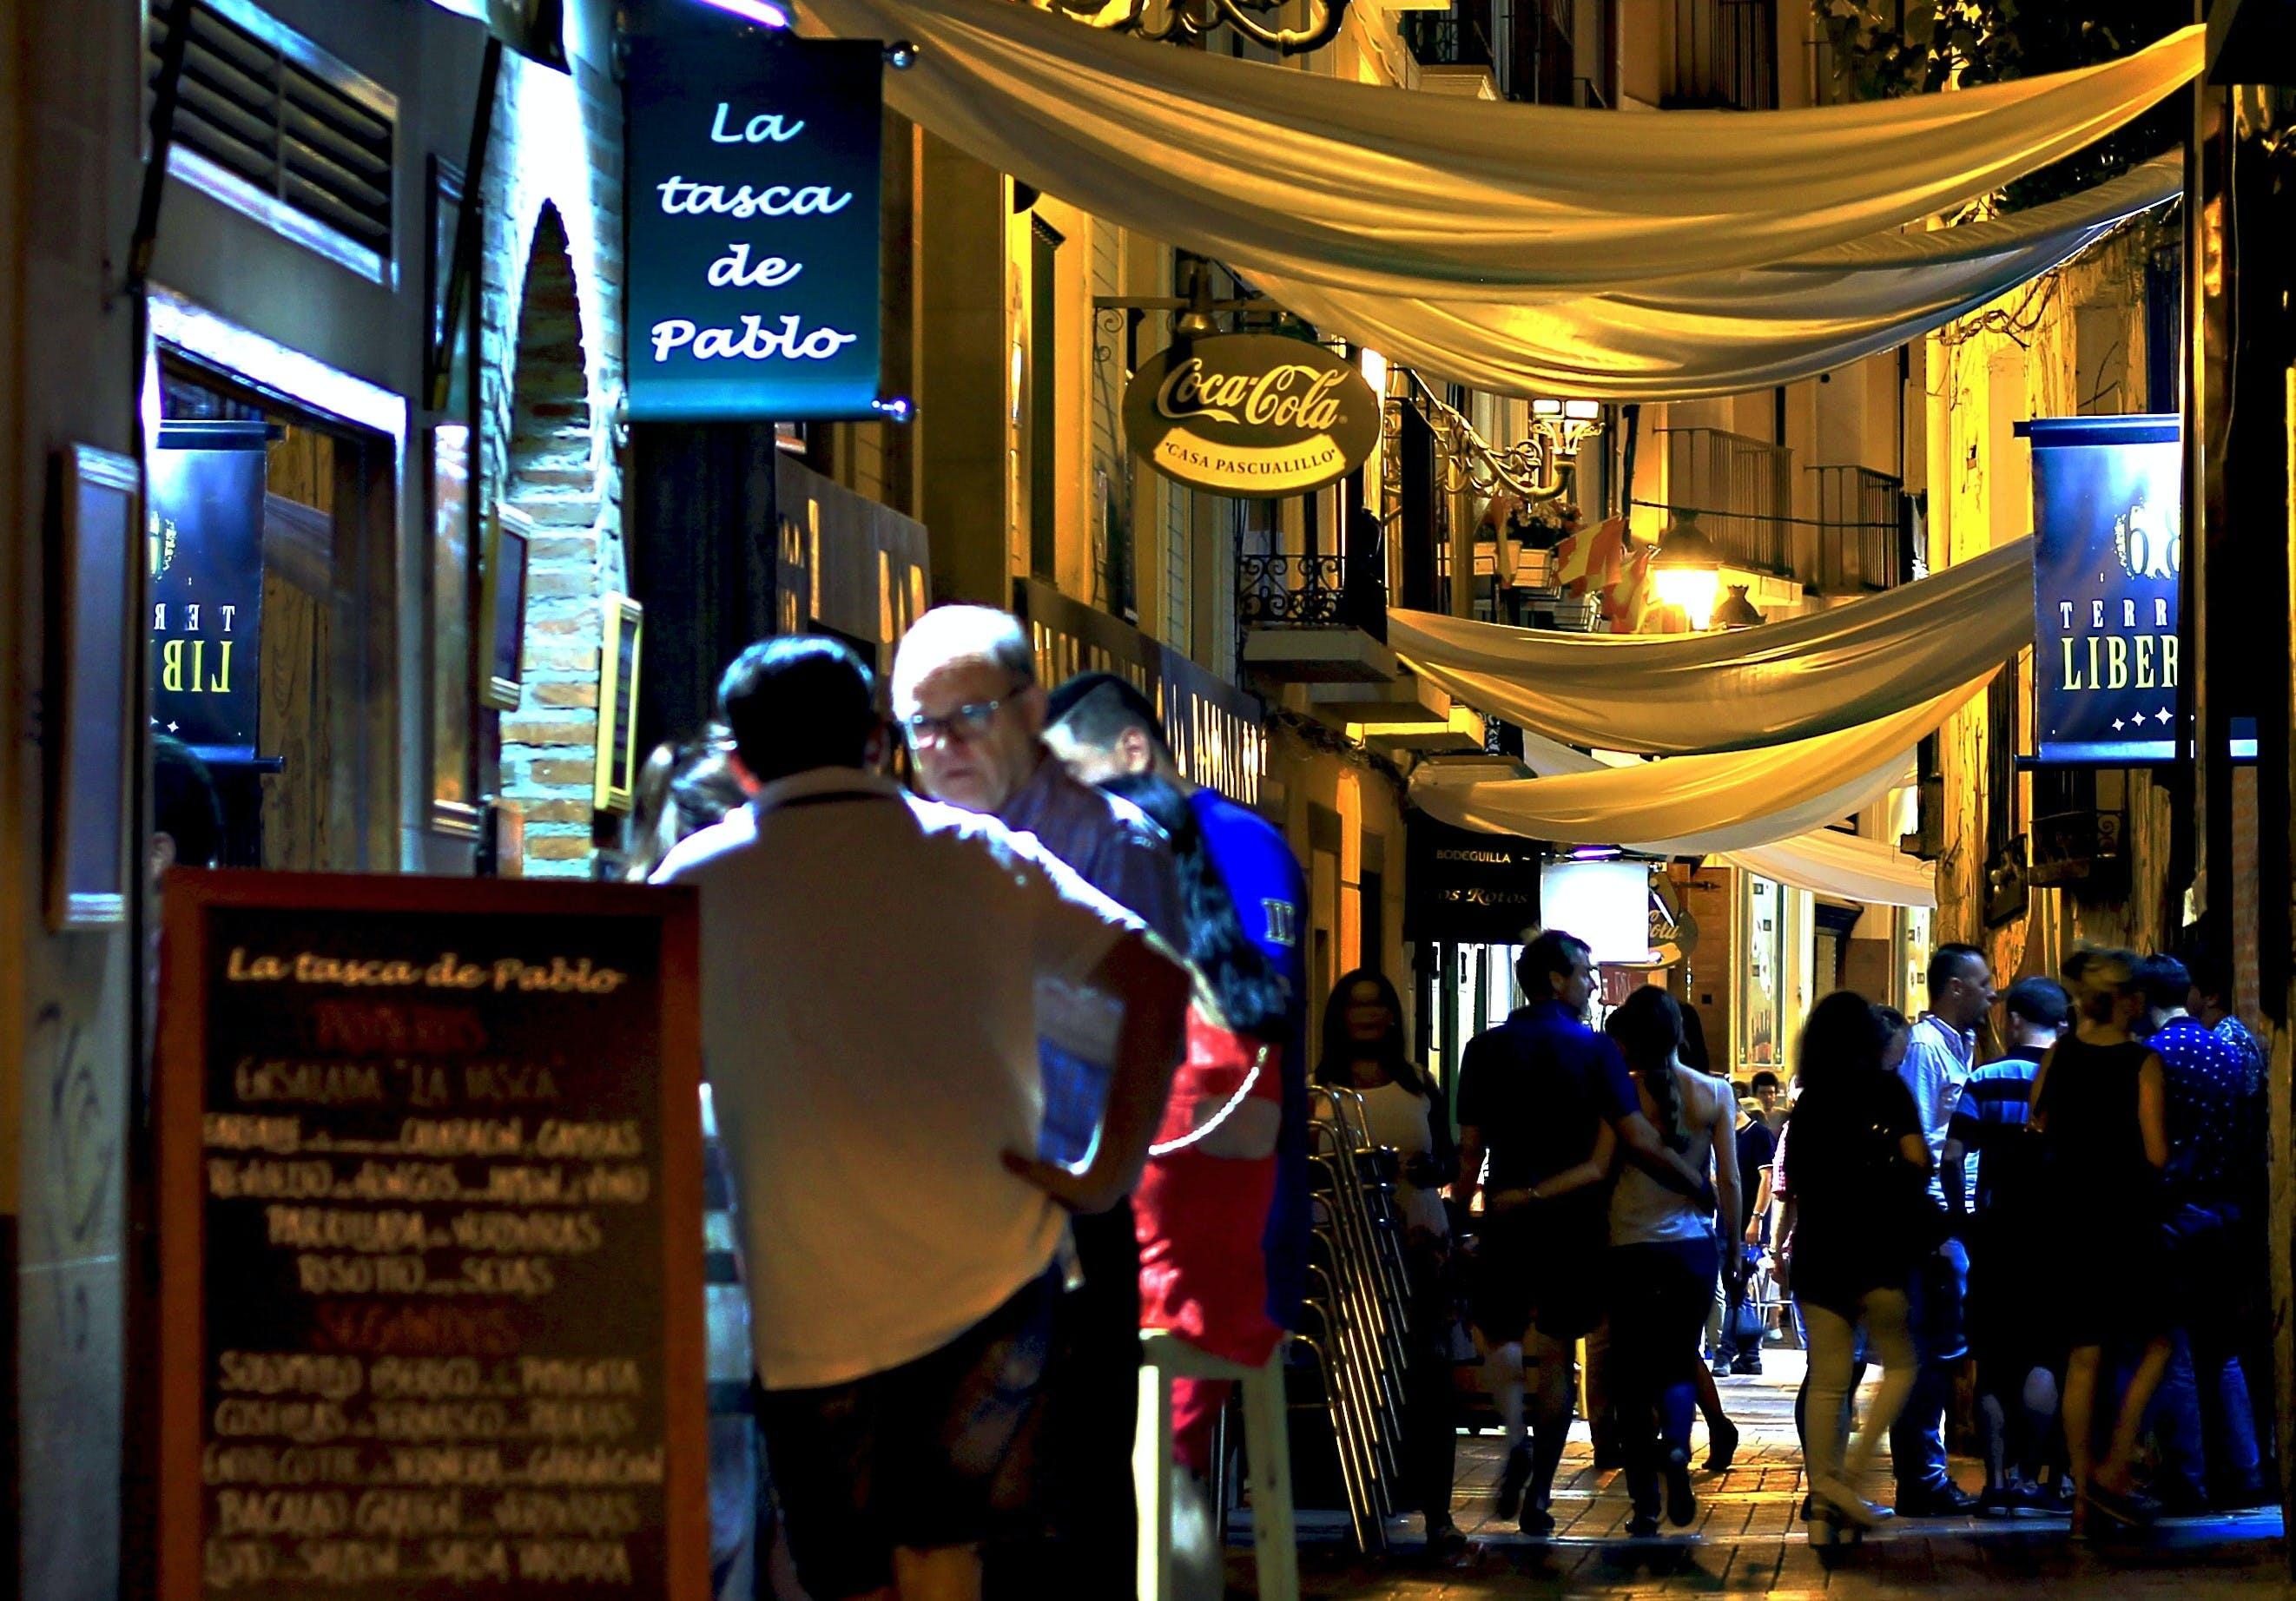 Gastronomía,Comidas y cenas especiales,Tours enológicos,Tour por Sevilla,Espectáculo Flamenco,Triana